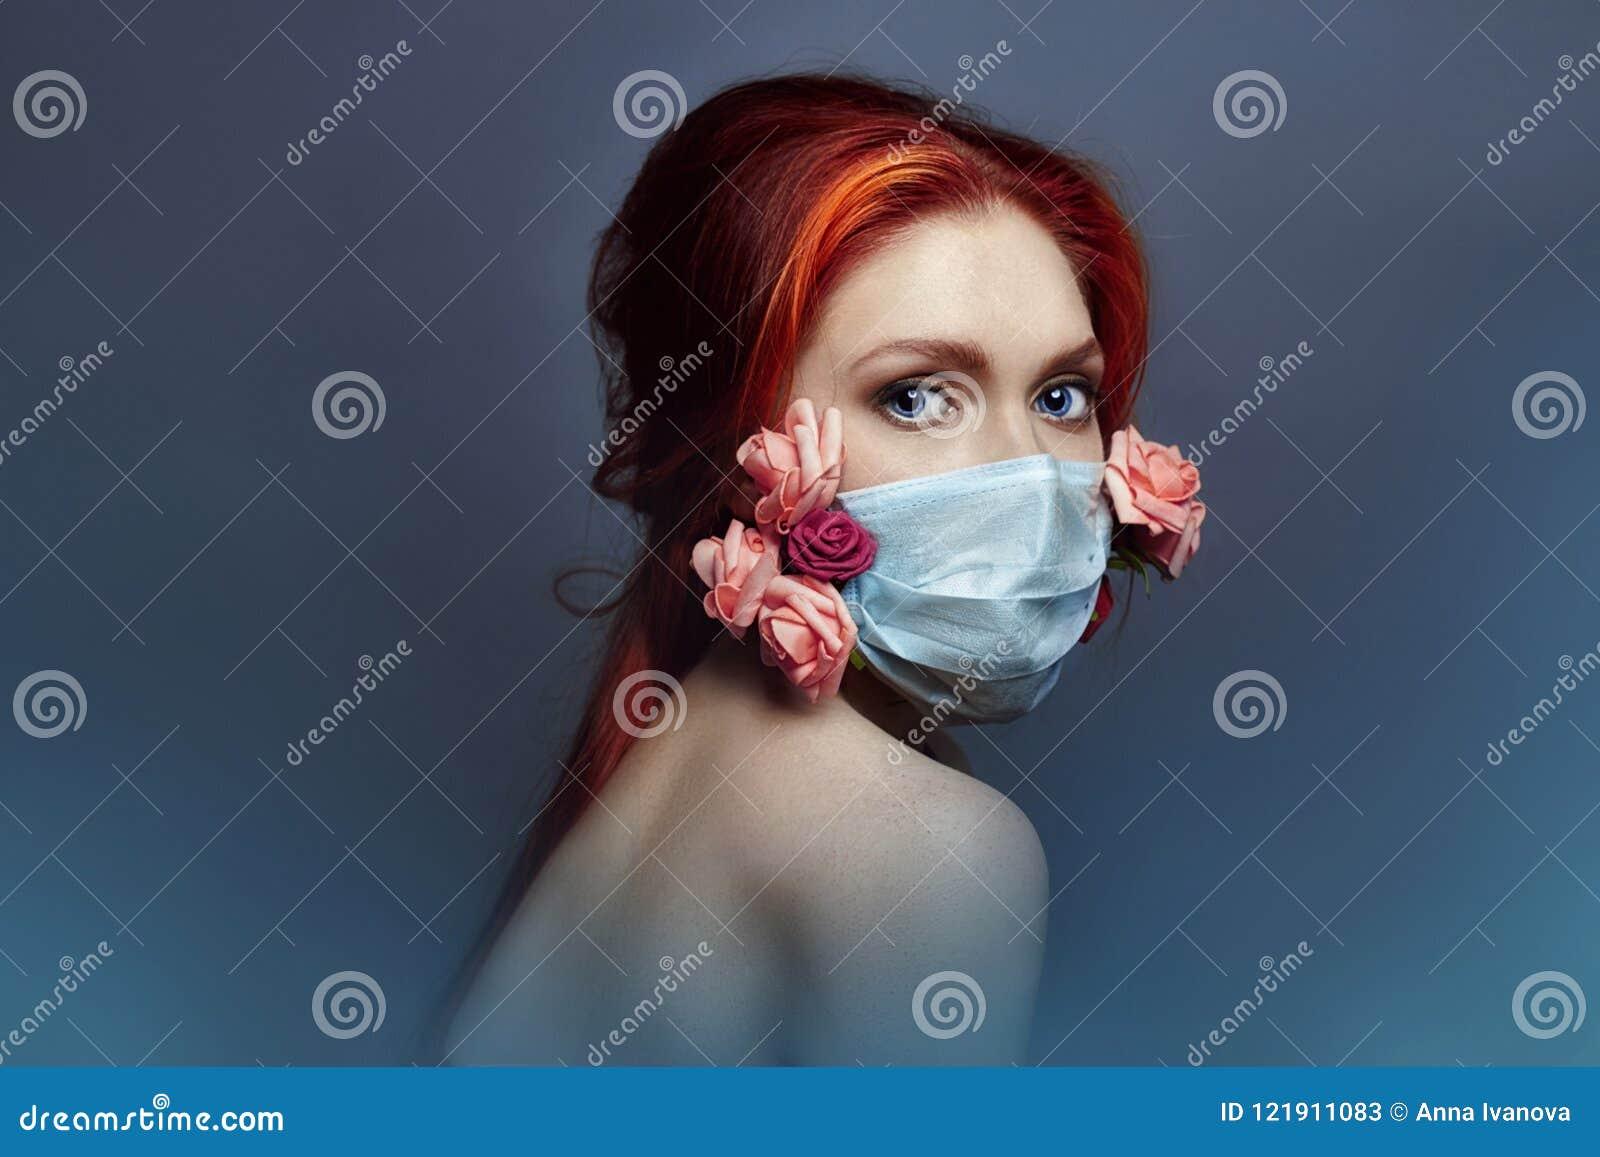 Η redhead γυναίκα μόδας τέχνης με την ιατρική αναπνευστική συσκευή στο πρόσωπό της, αυξήθηκε λουλούδια αυξάνεται από κάτω από τη